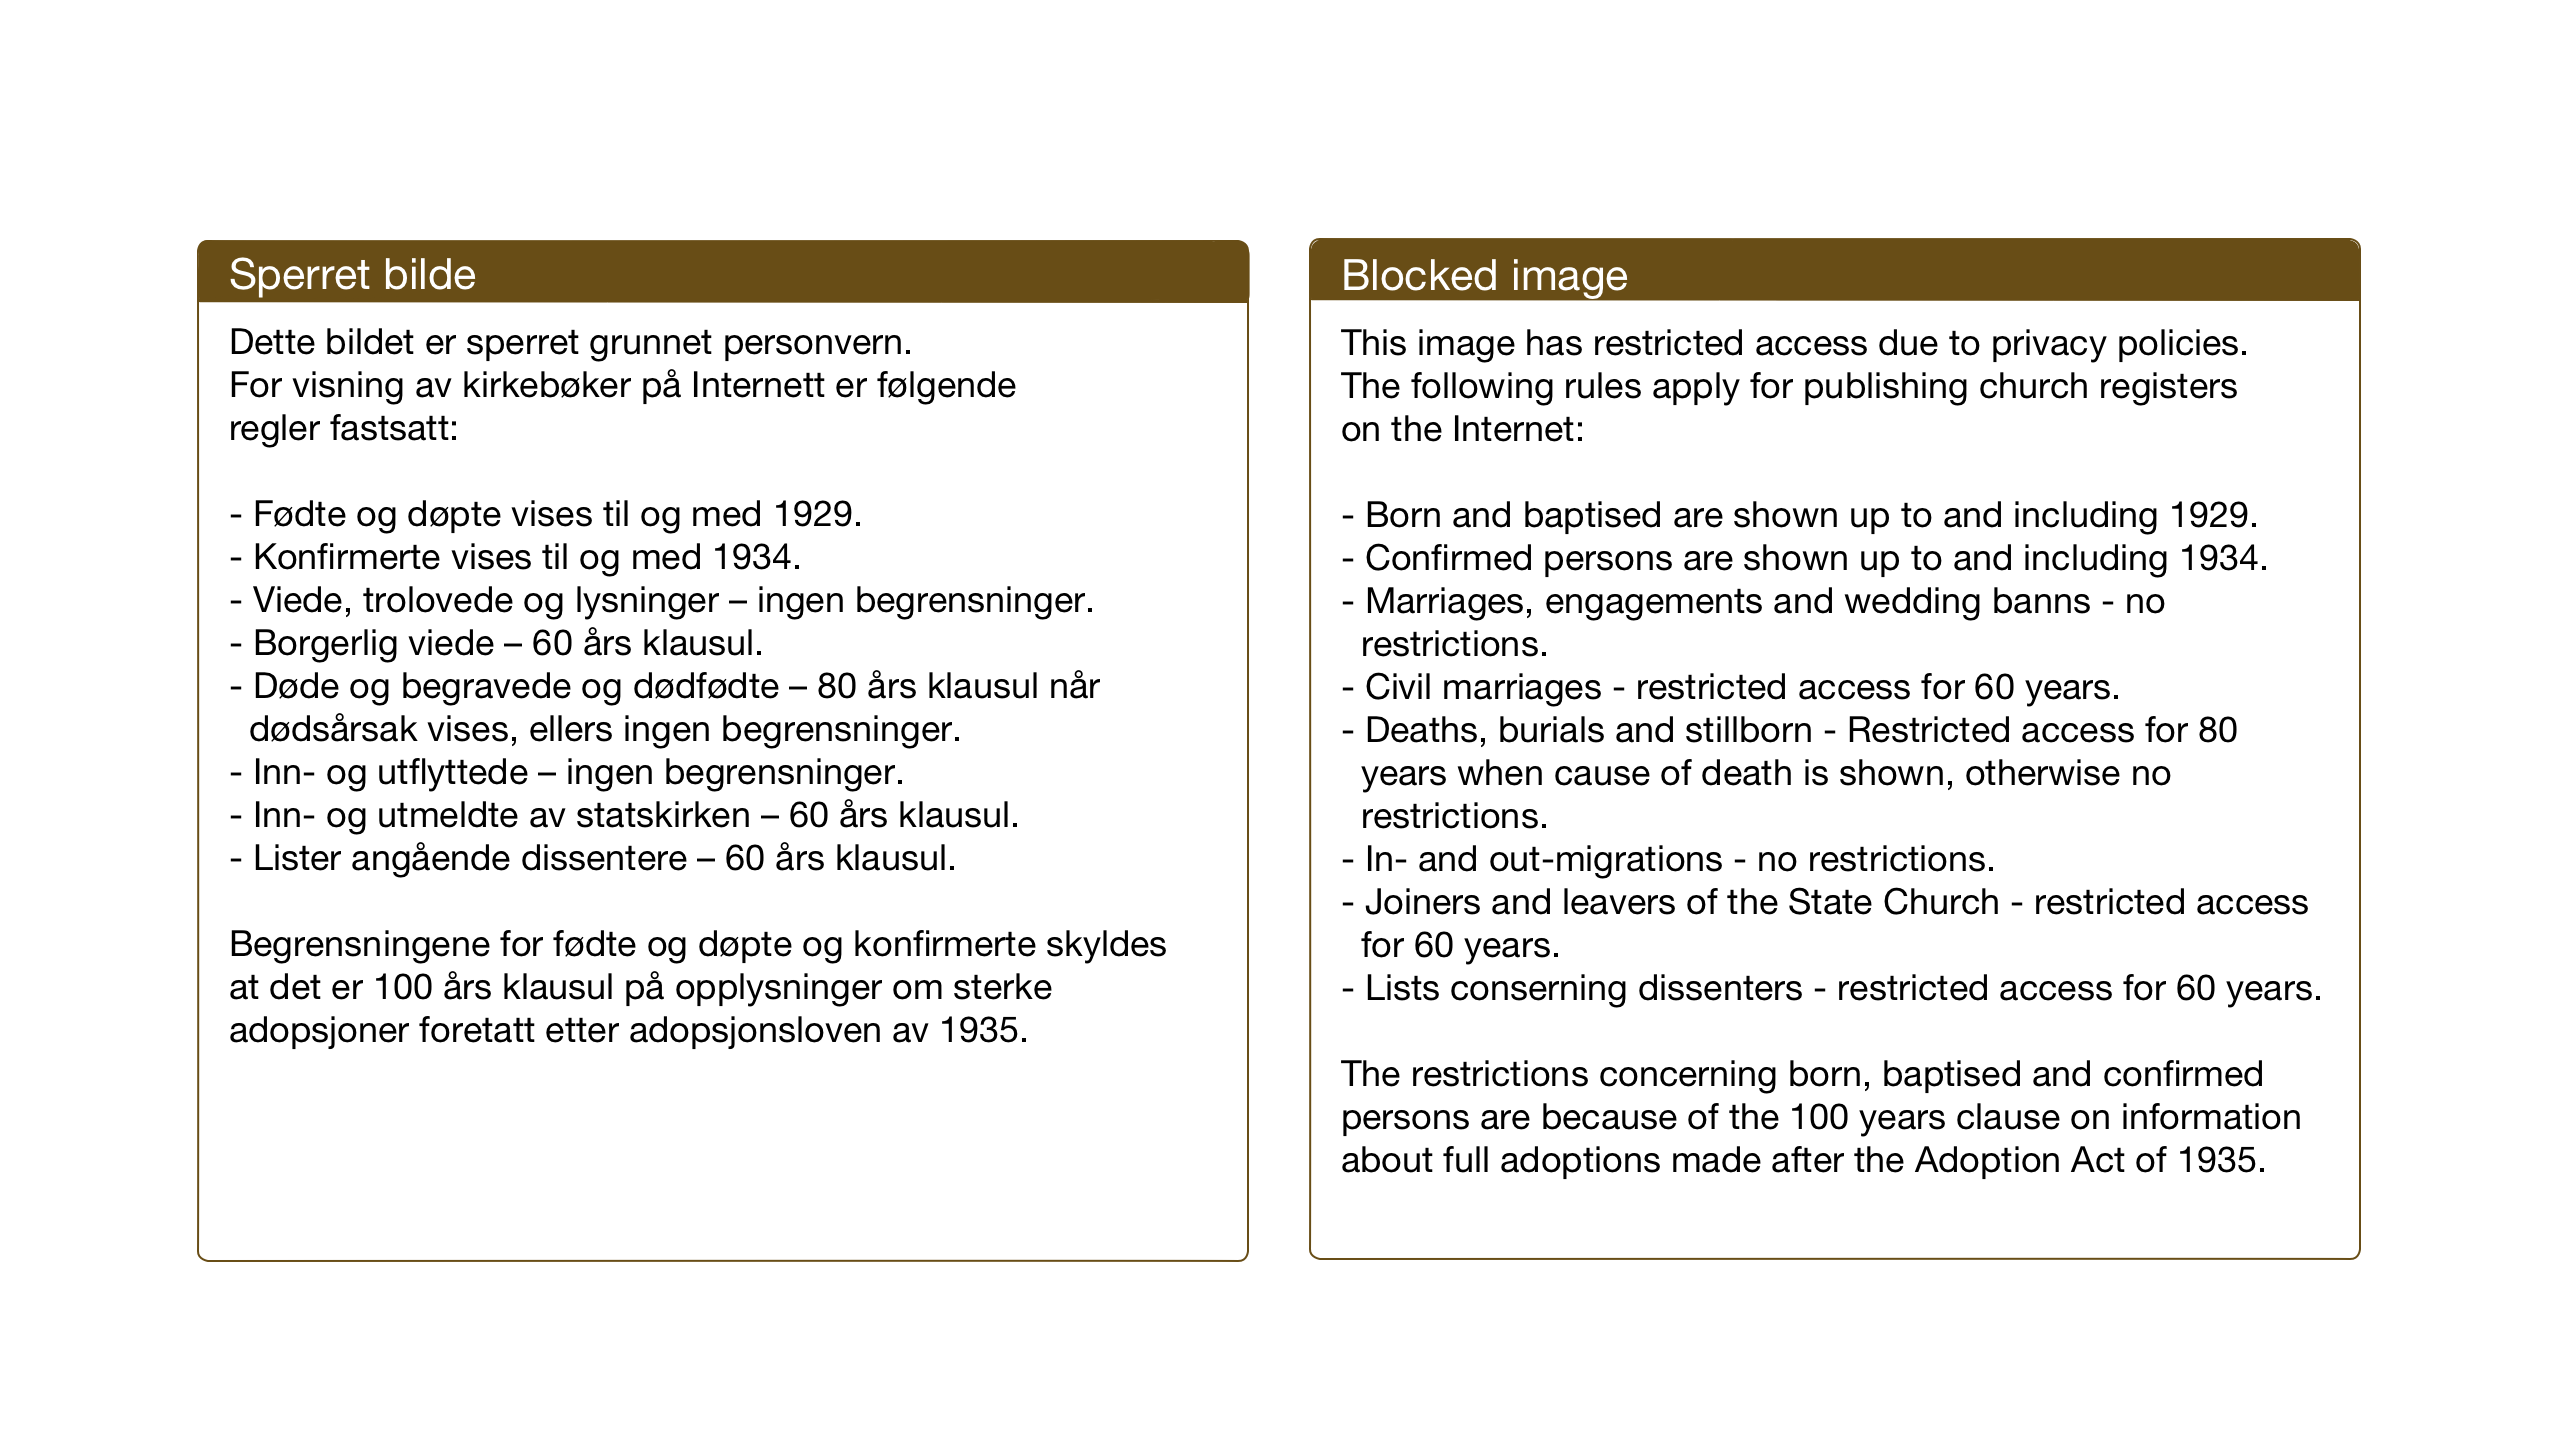 SAT, Ministerialprotokoller, klokkerbøker og fødselsregistre - Sør-Trøndelag, 655/L0690: Klokkerbok nr. 655C06, 1937-1950, s. 56